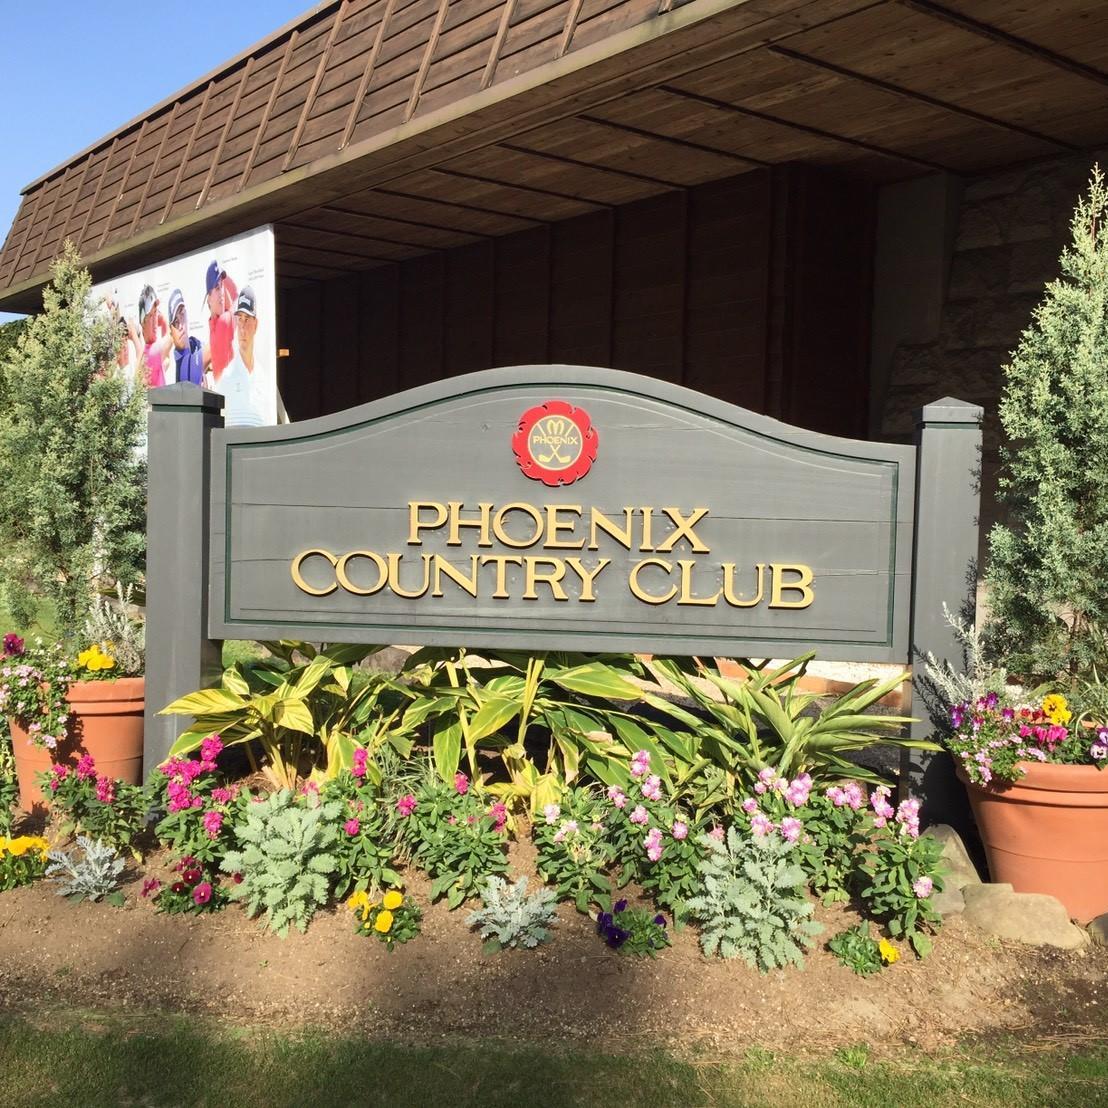 https://www.bs-golf.com/pro/IMG_2754.JPG